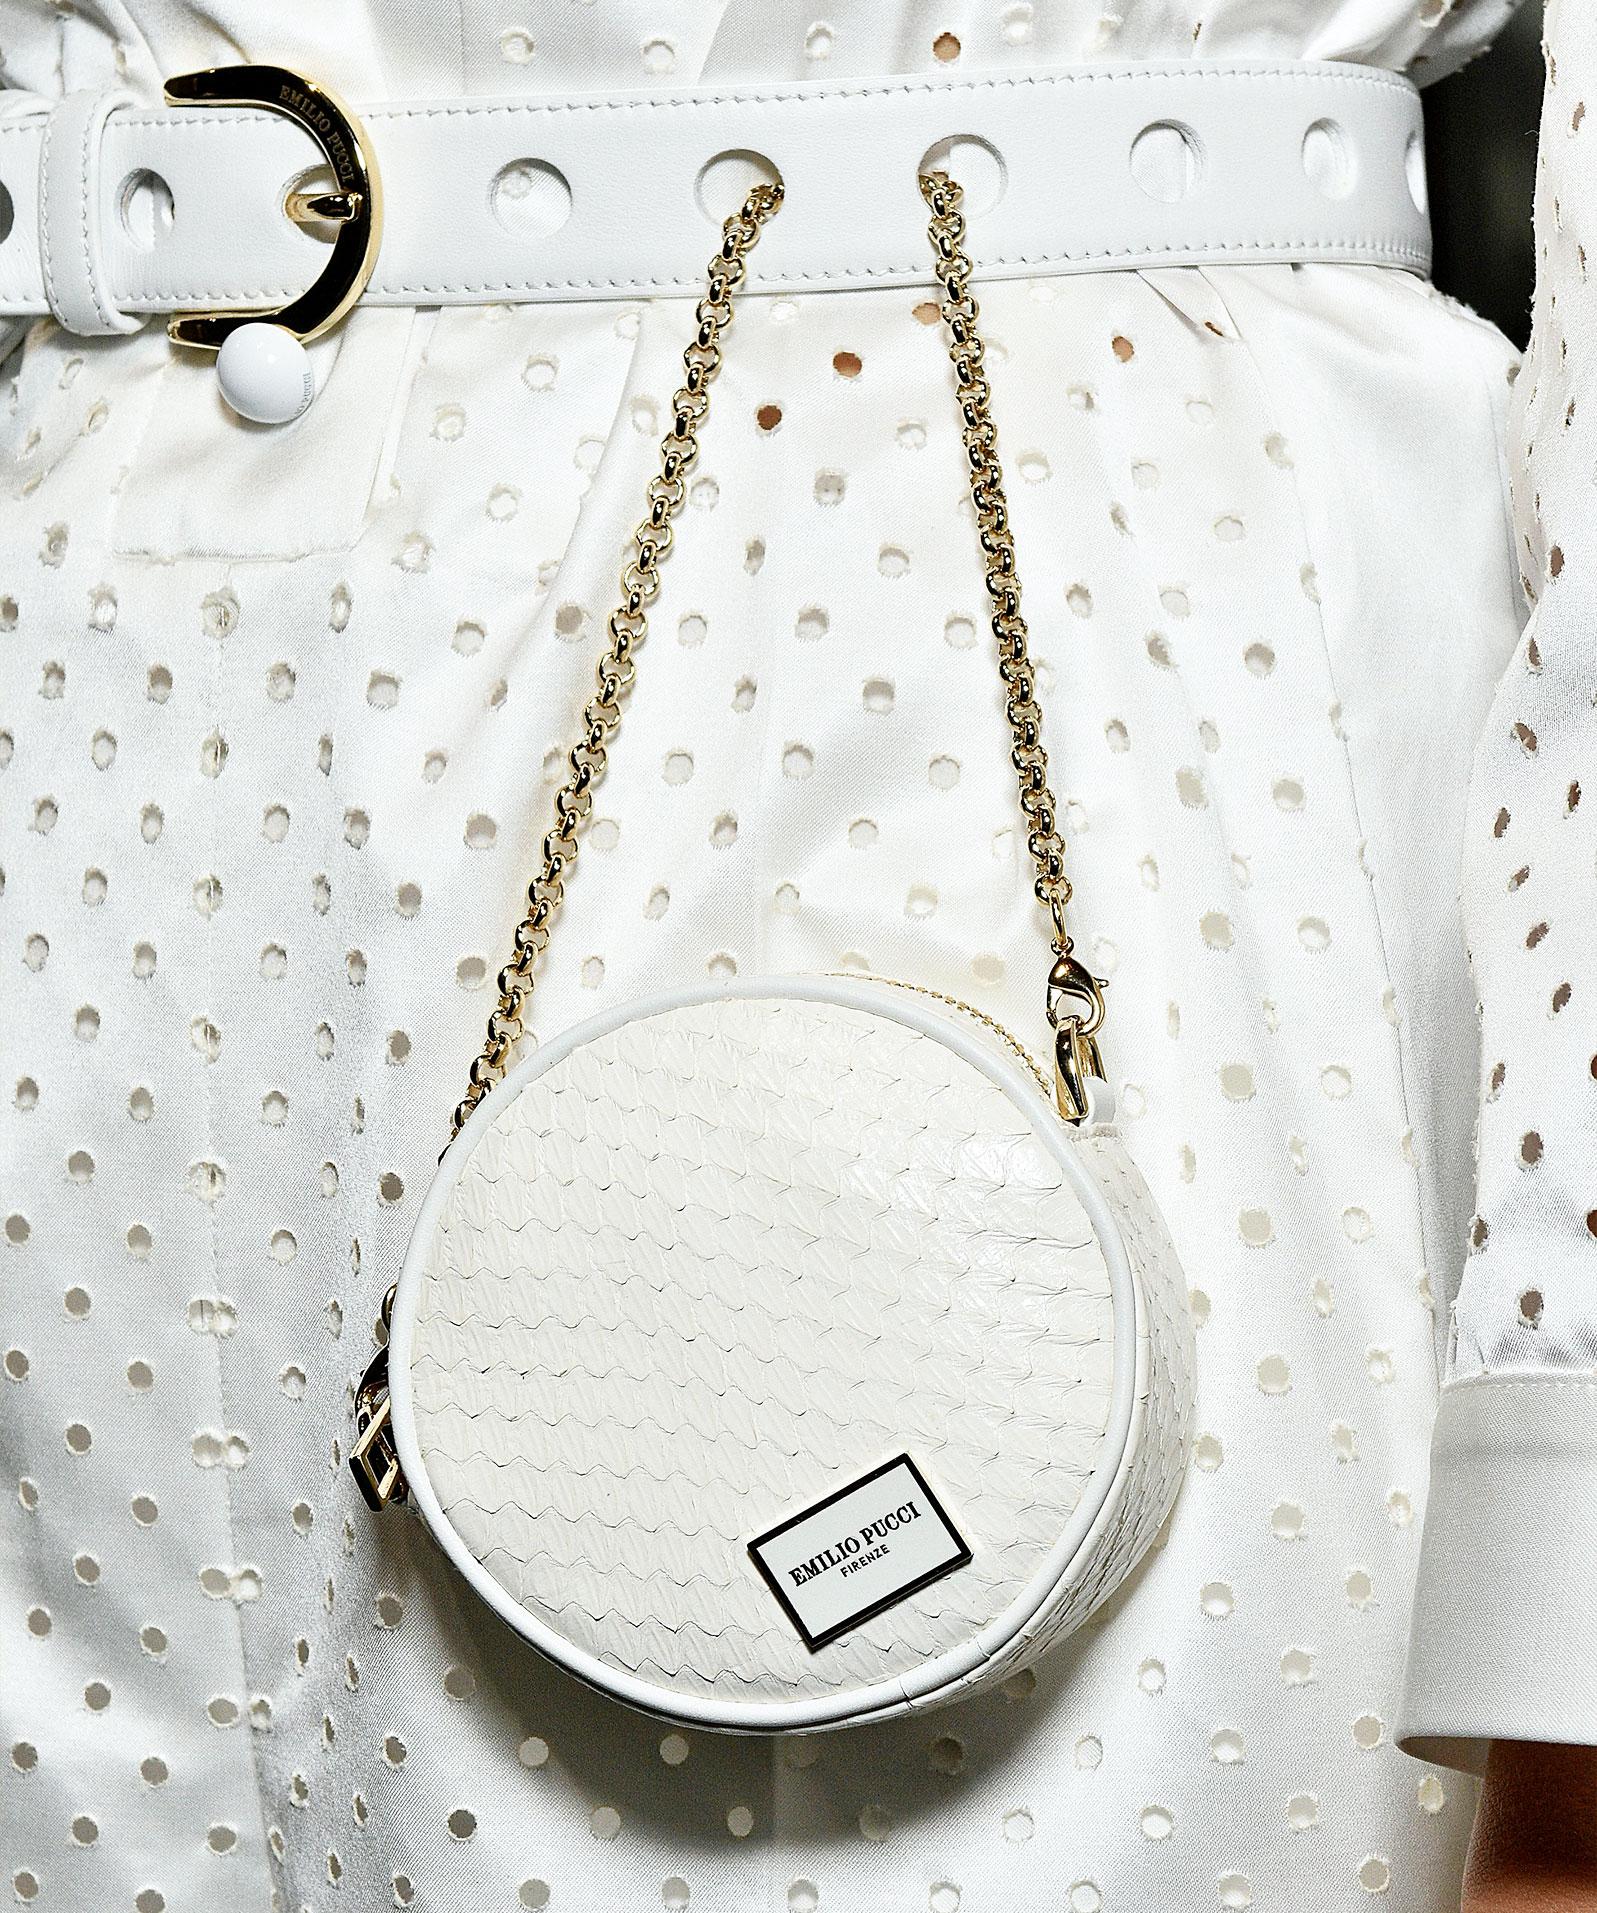 Tasche von Emilio Pucci